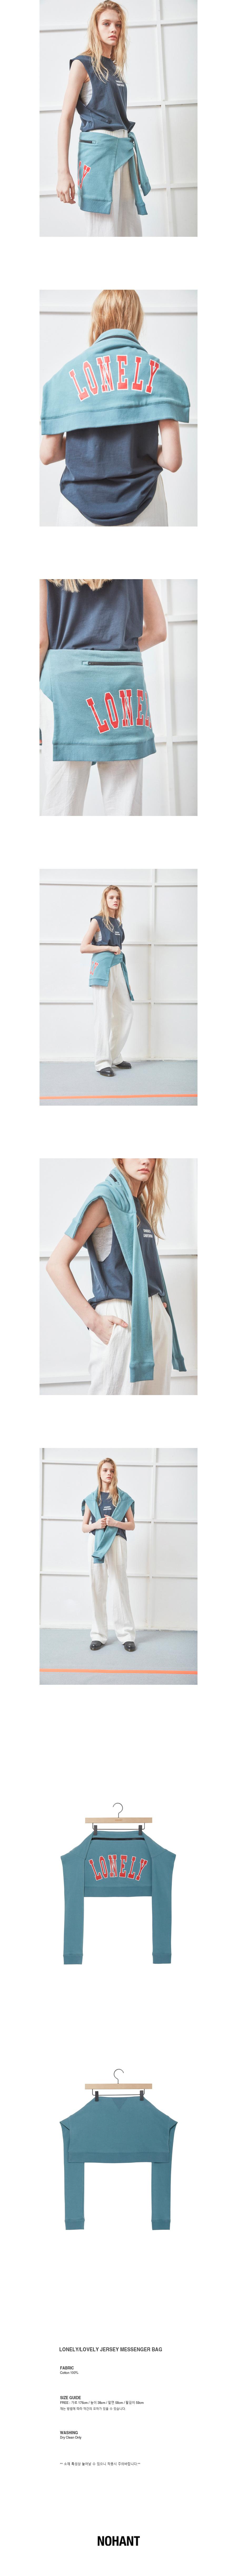 노앙(NOHANT) LONELY/LOVELY JERSEY MESSENGER BAG BLUE